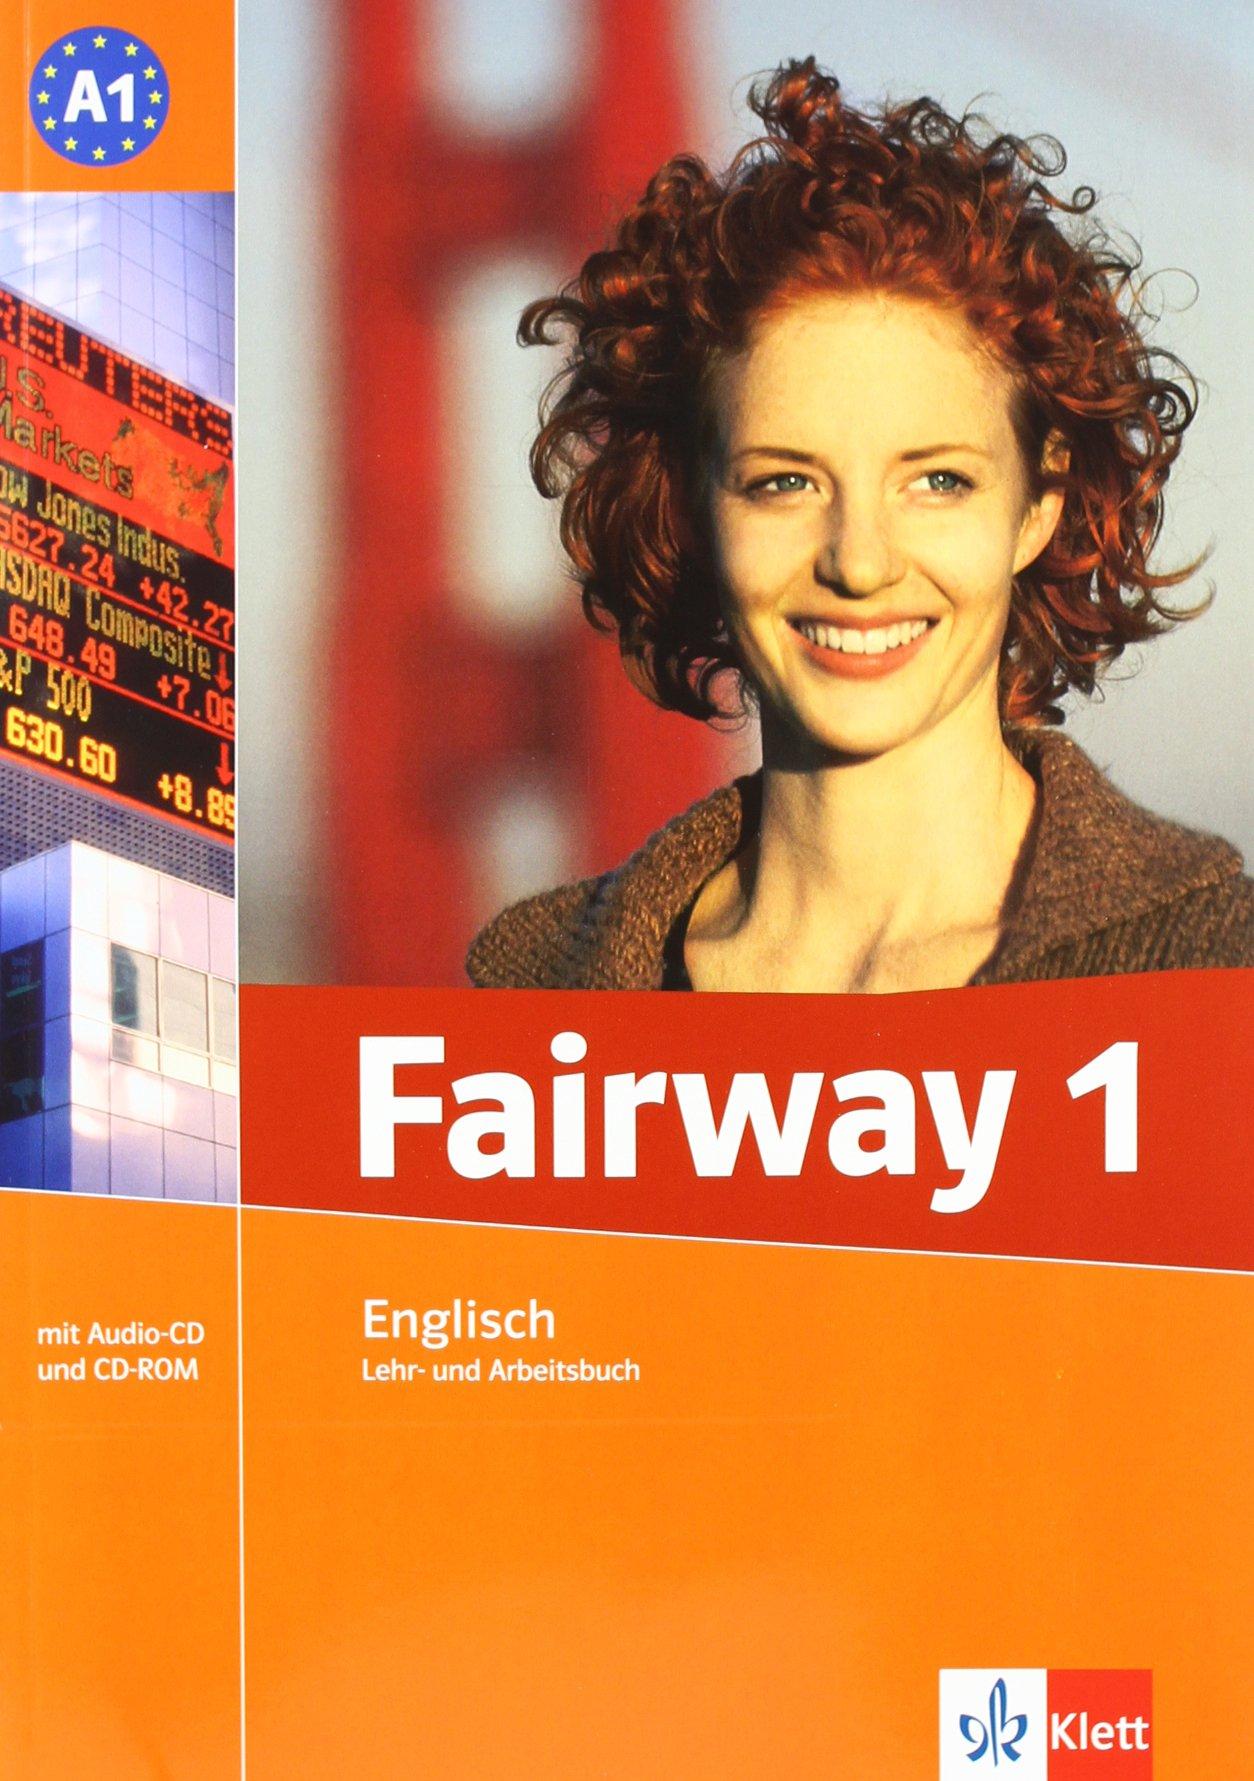 fairway-a1-lehr-und-arbeitsbuch-audio-cd-cd-rom